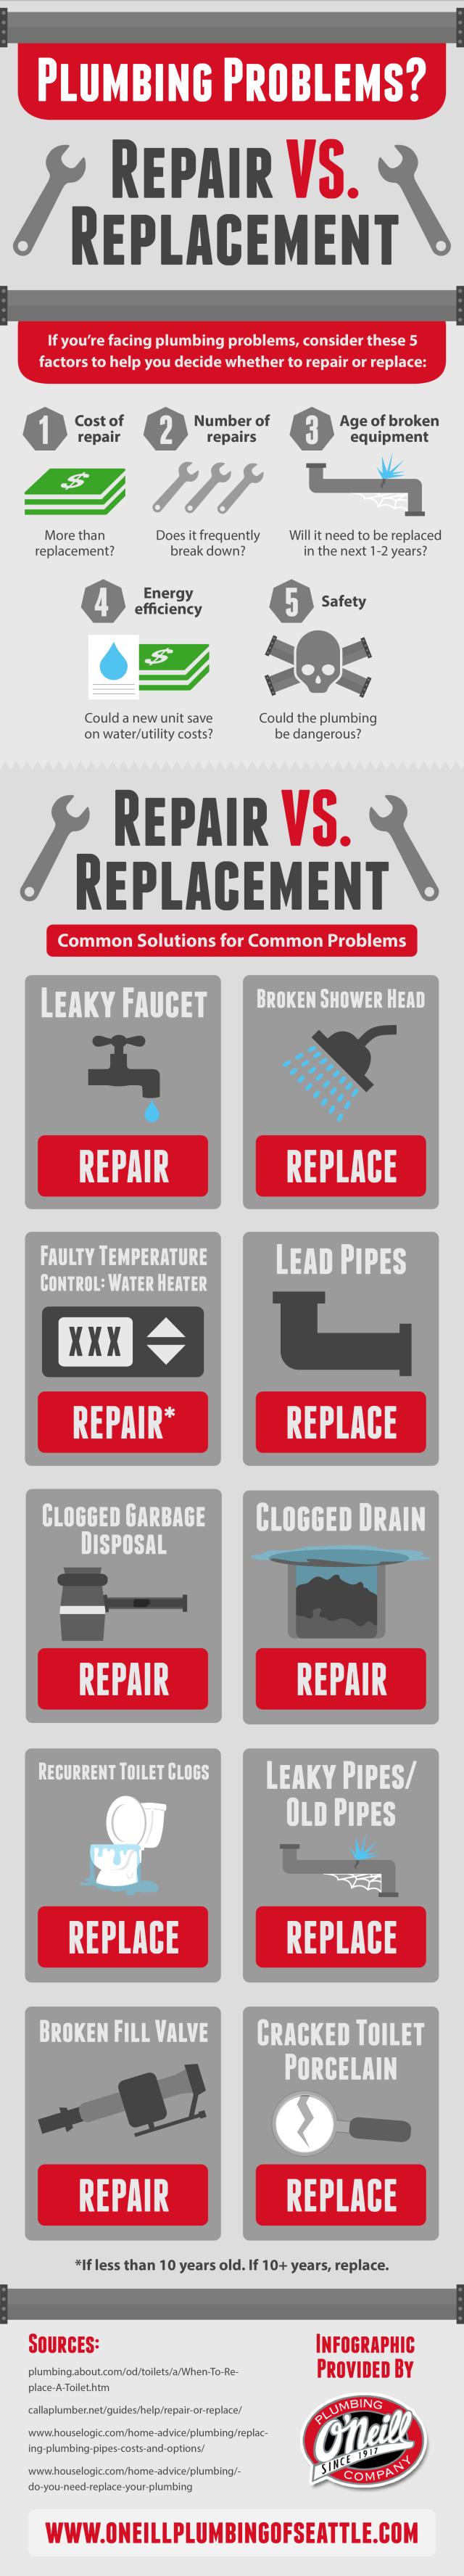 Plumbing-Problems-Repair-vs.-Replacement-640